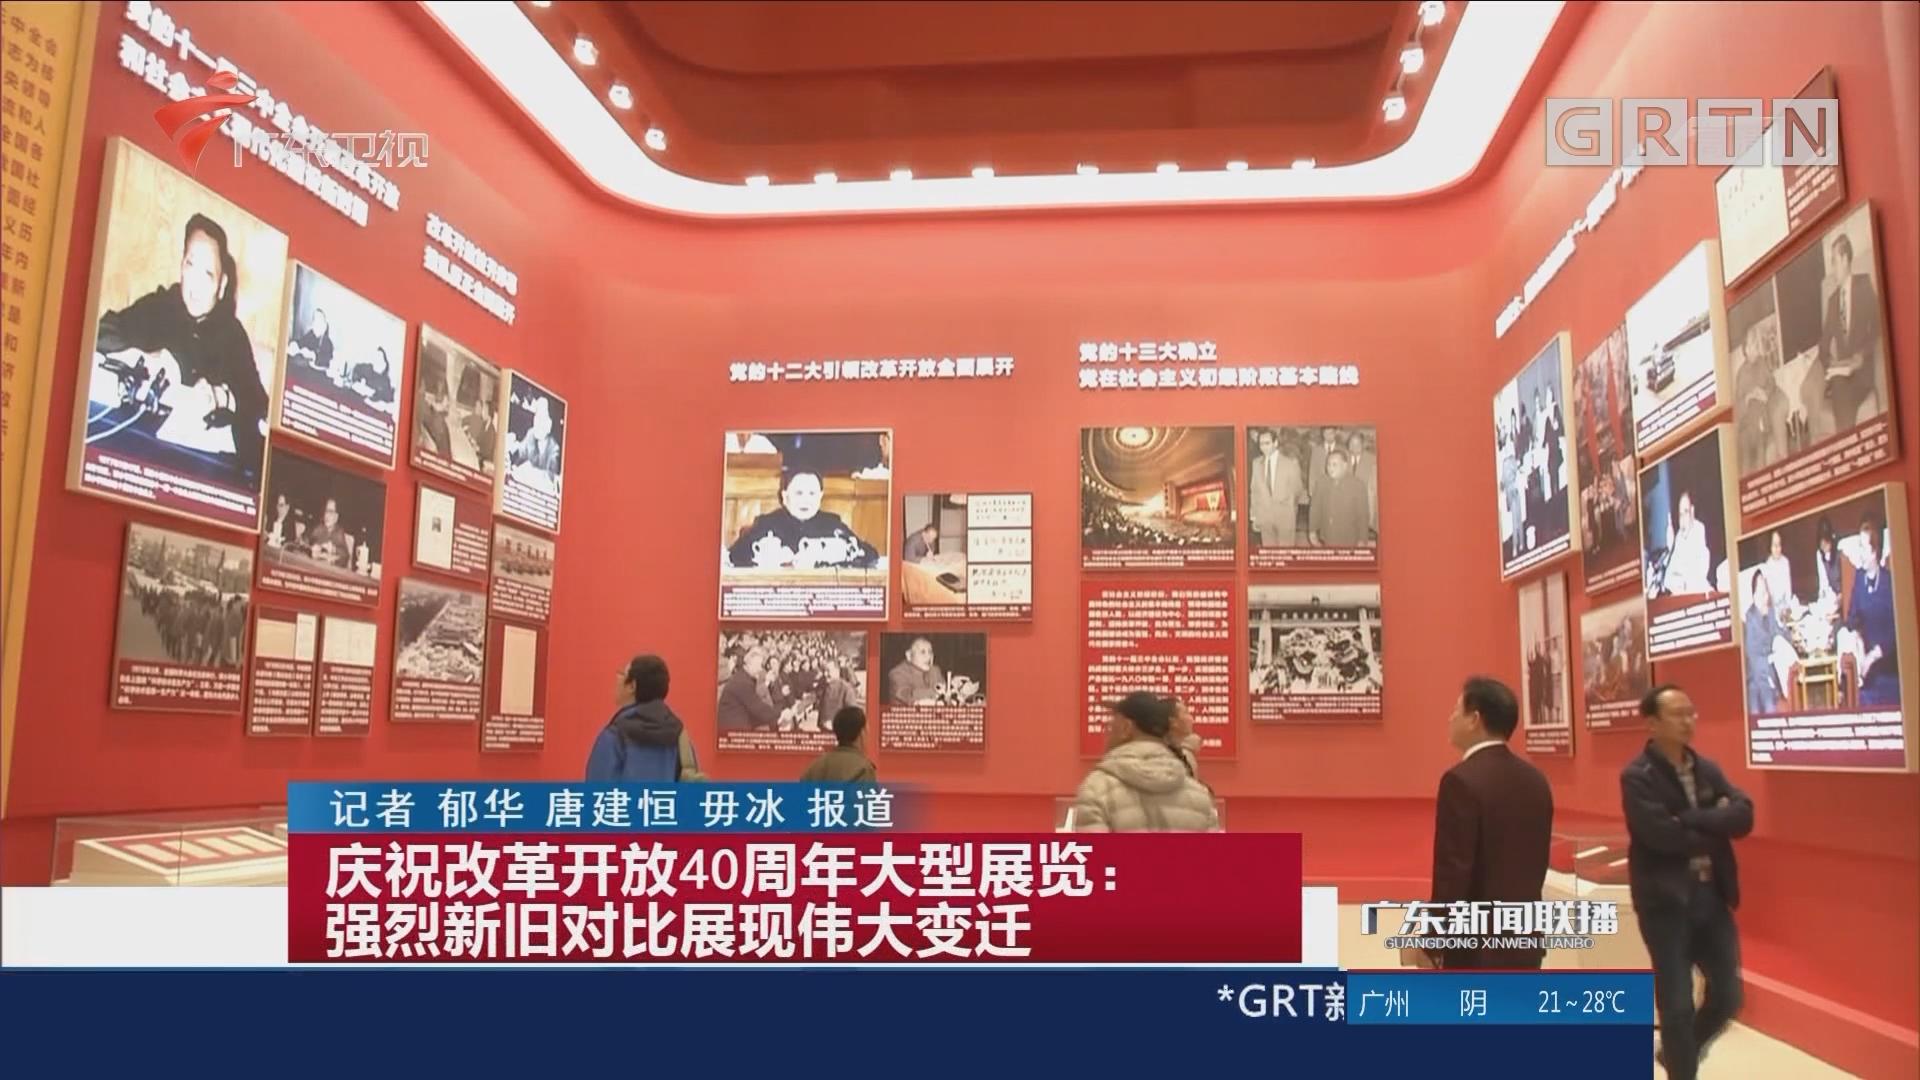 庆祝改革开放40周年大型展览:强烈新旧对比展现伟大变迁